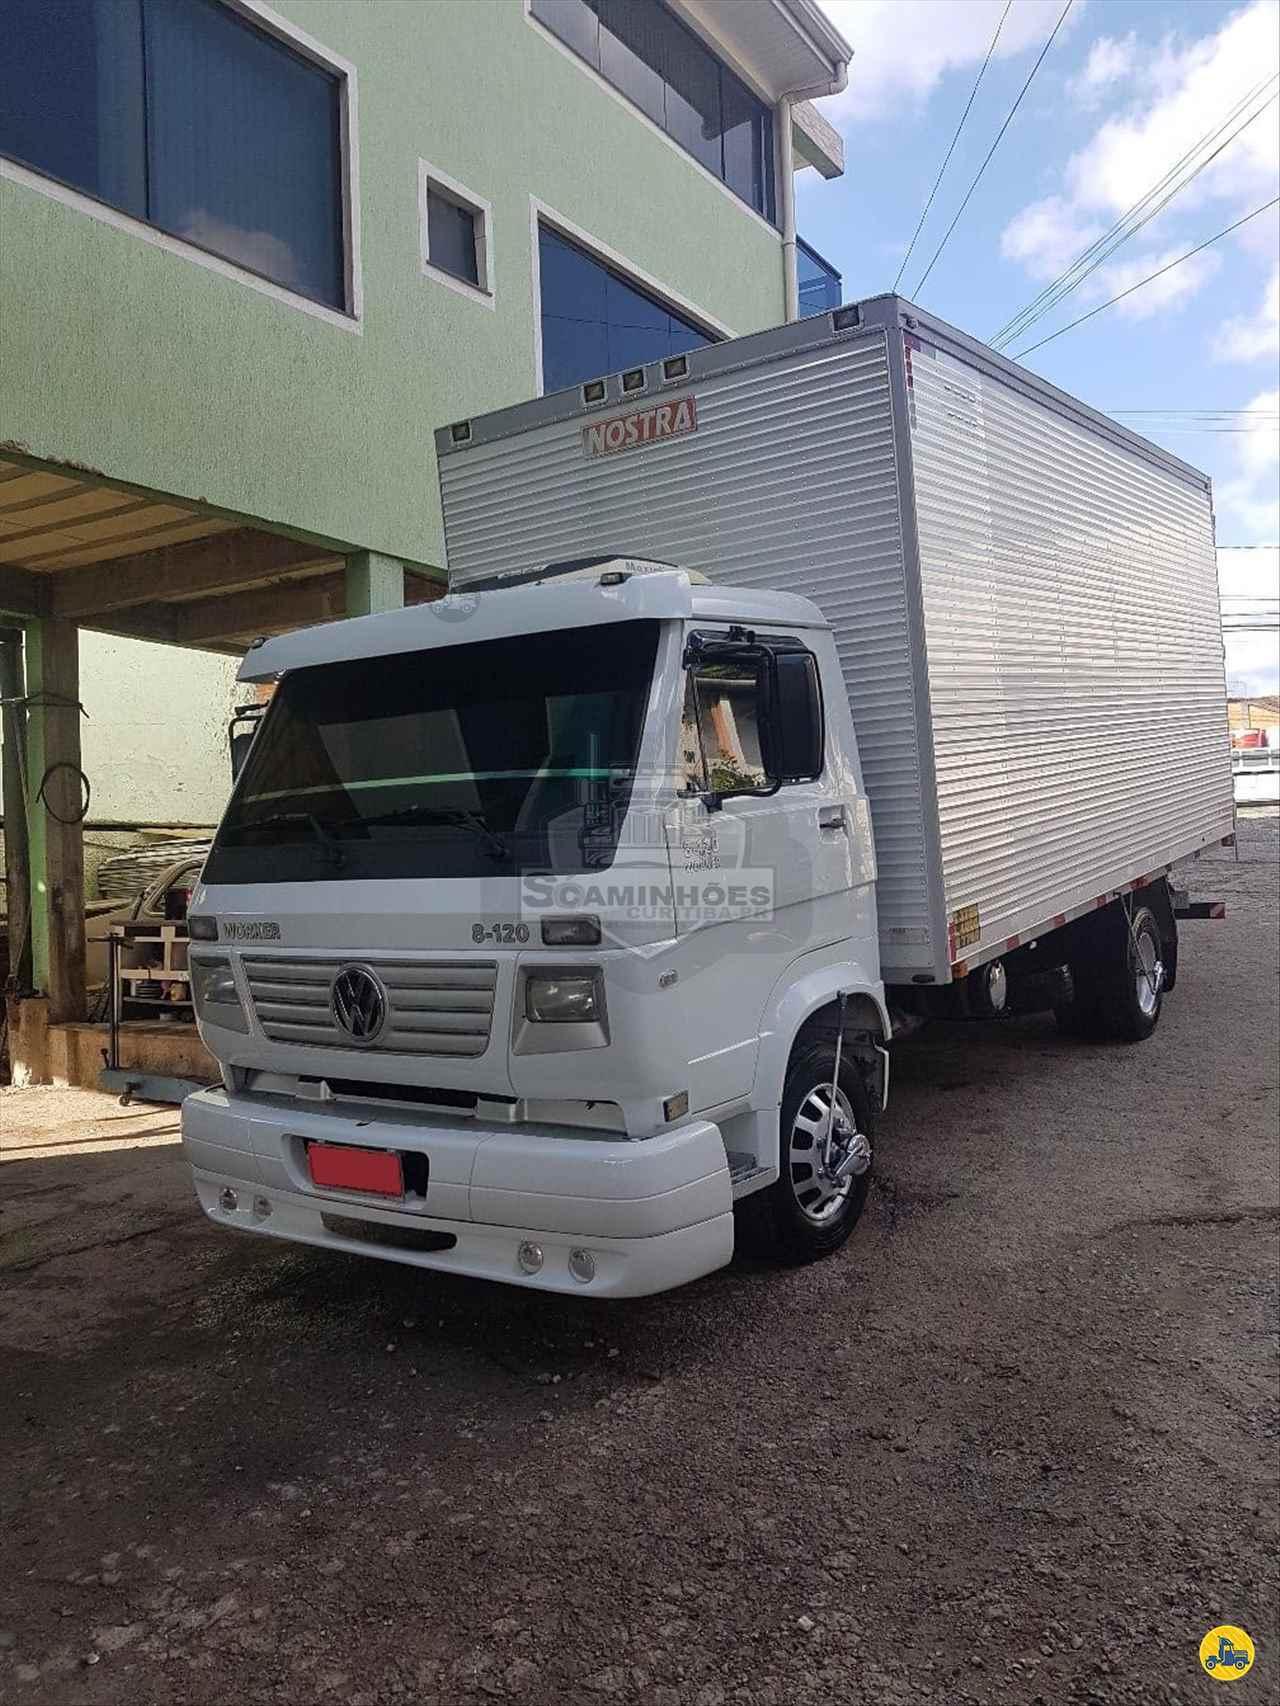 CAMINHAO VOLKSWAGEN VW 8120 Baú Furgão 3/4 4x2 Só Caminhões Curitiba CURITIBA PARANÁ PR